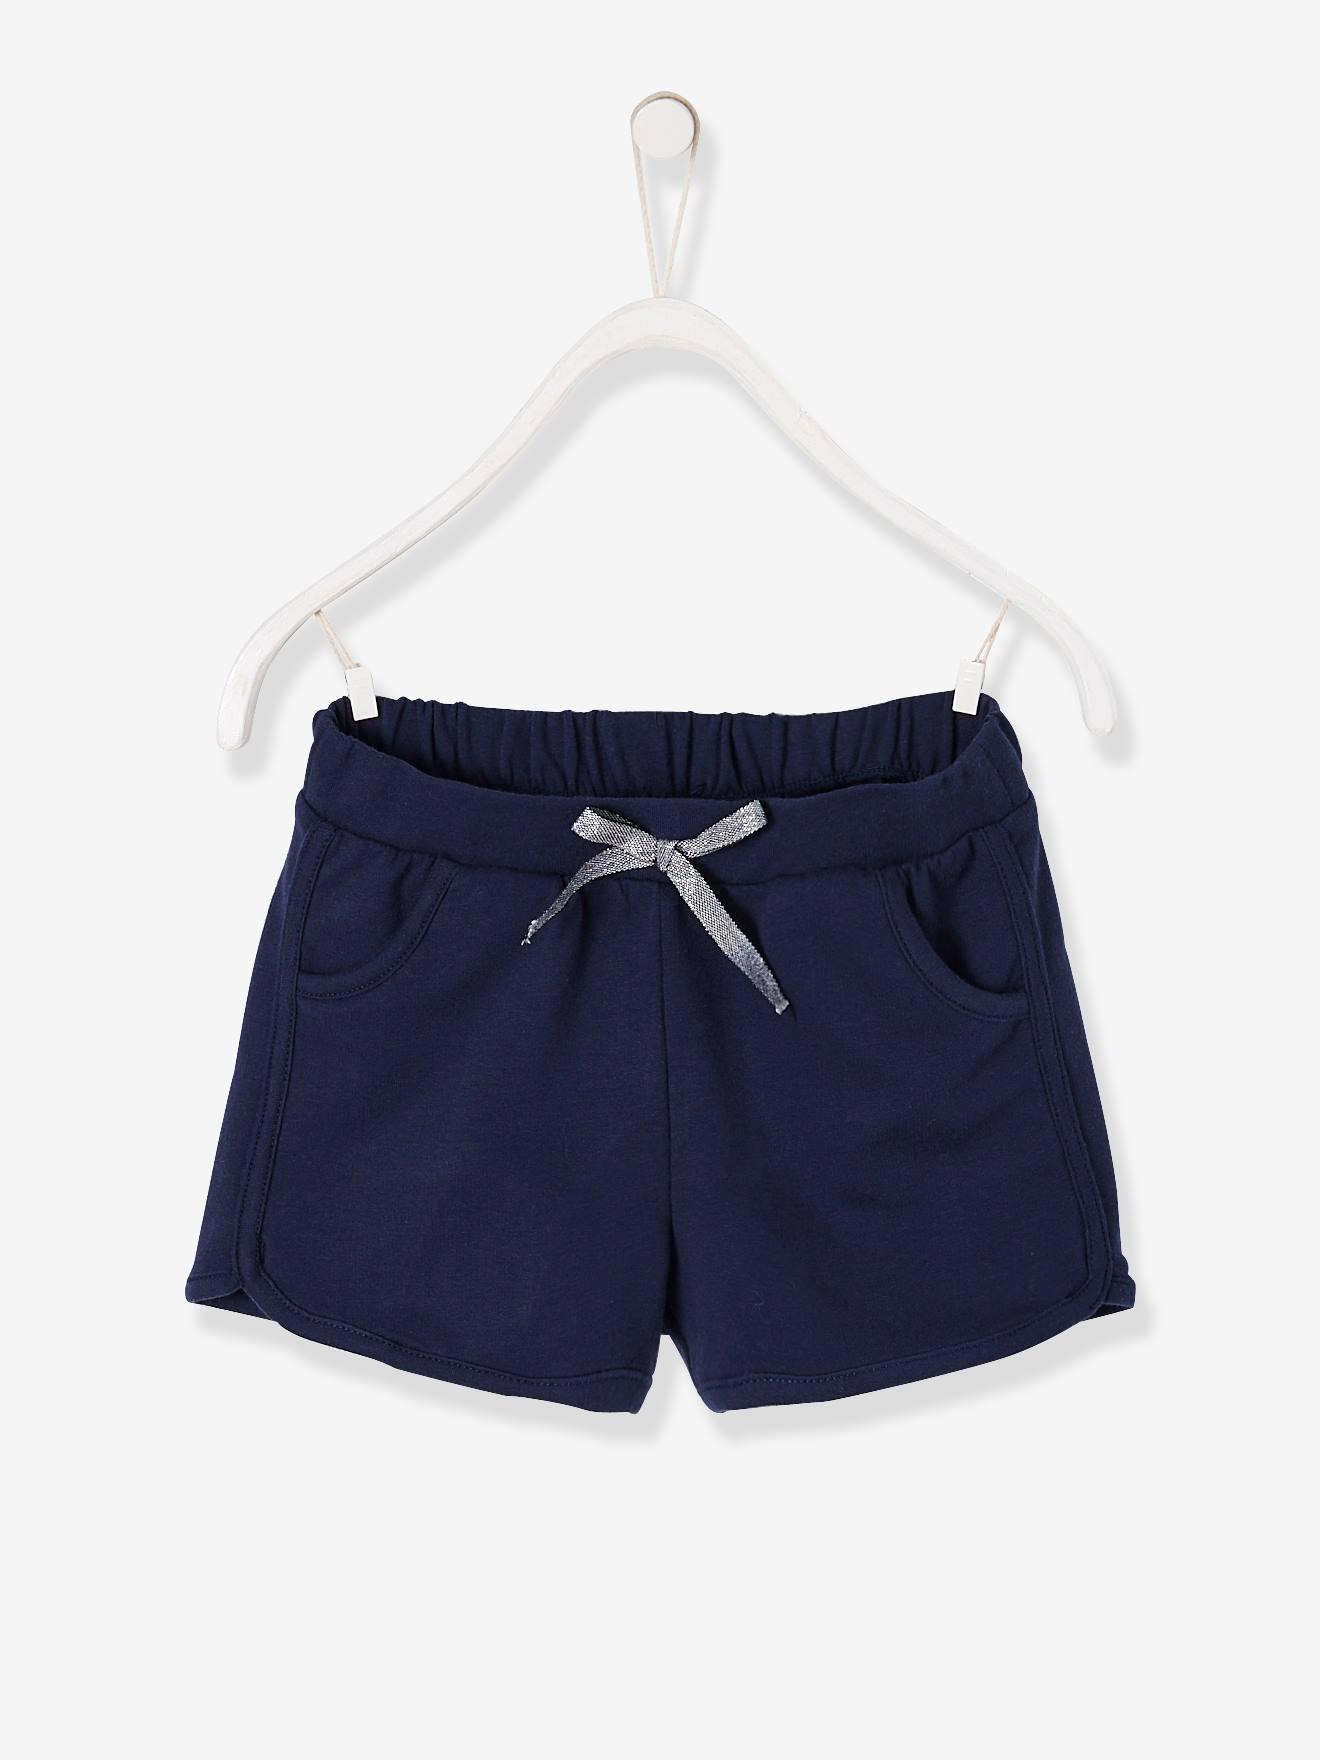 VERTBAUDET Sport-Shorts für Mädchen dunkelblau - Kinder - Gr. 122 Preisvergleich